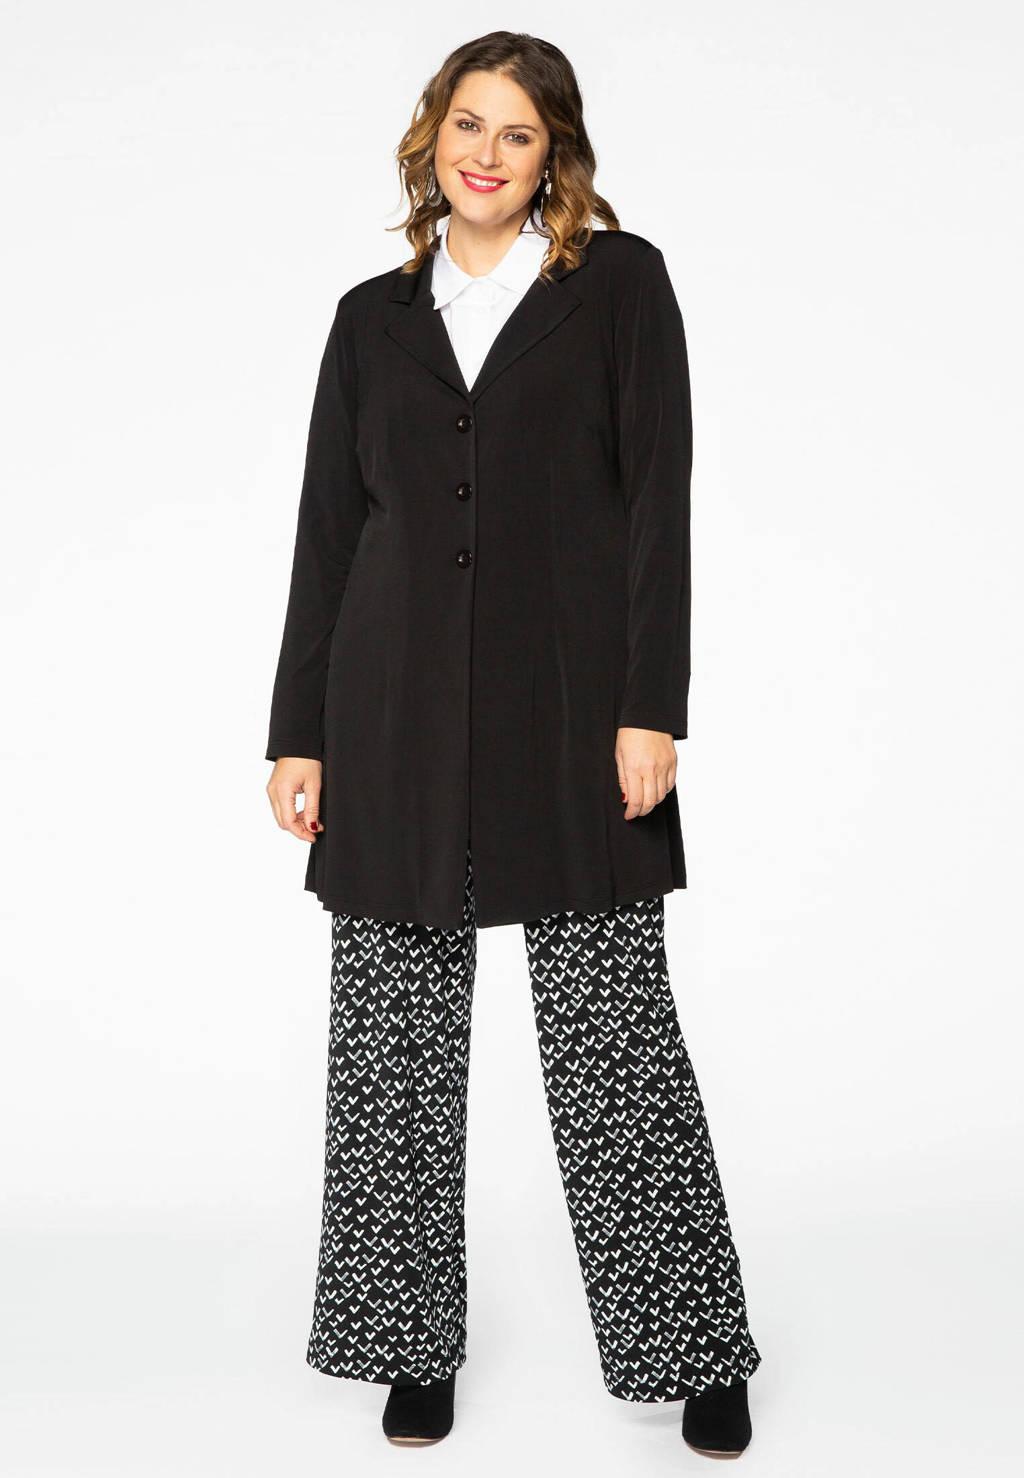 Yoek bootcut broek met all over print zwart/wit, Zwart/wit